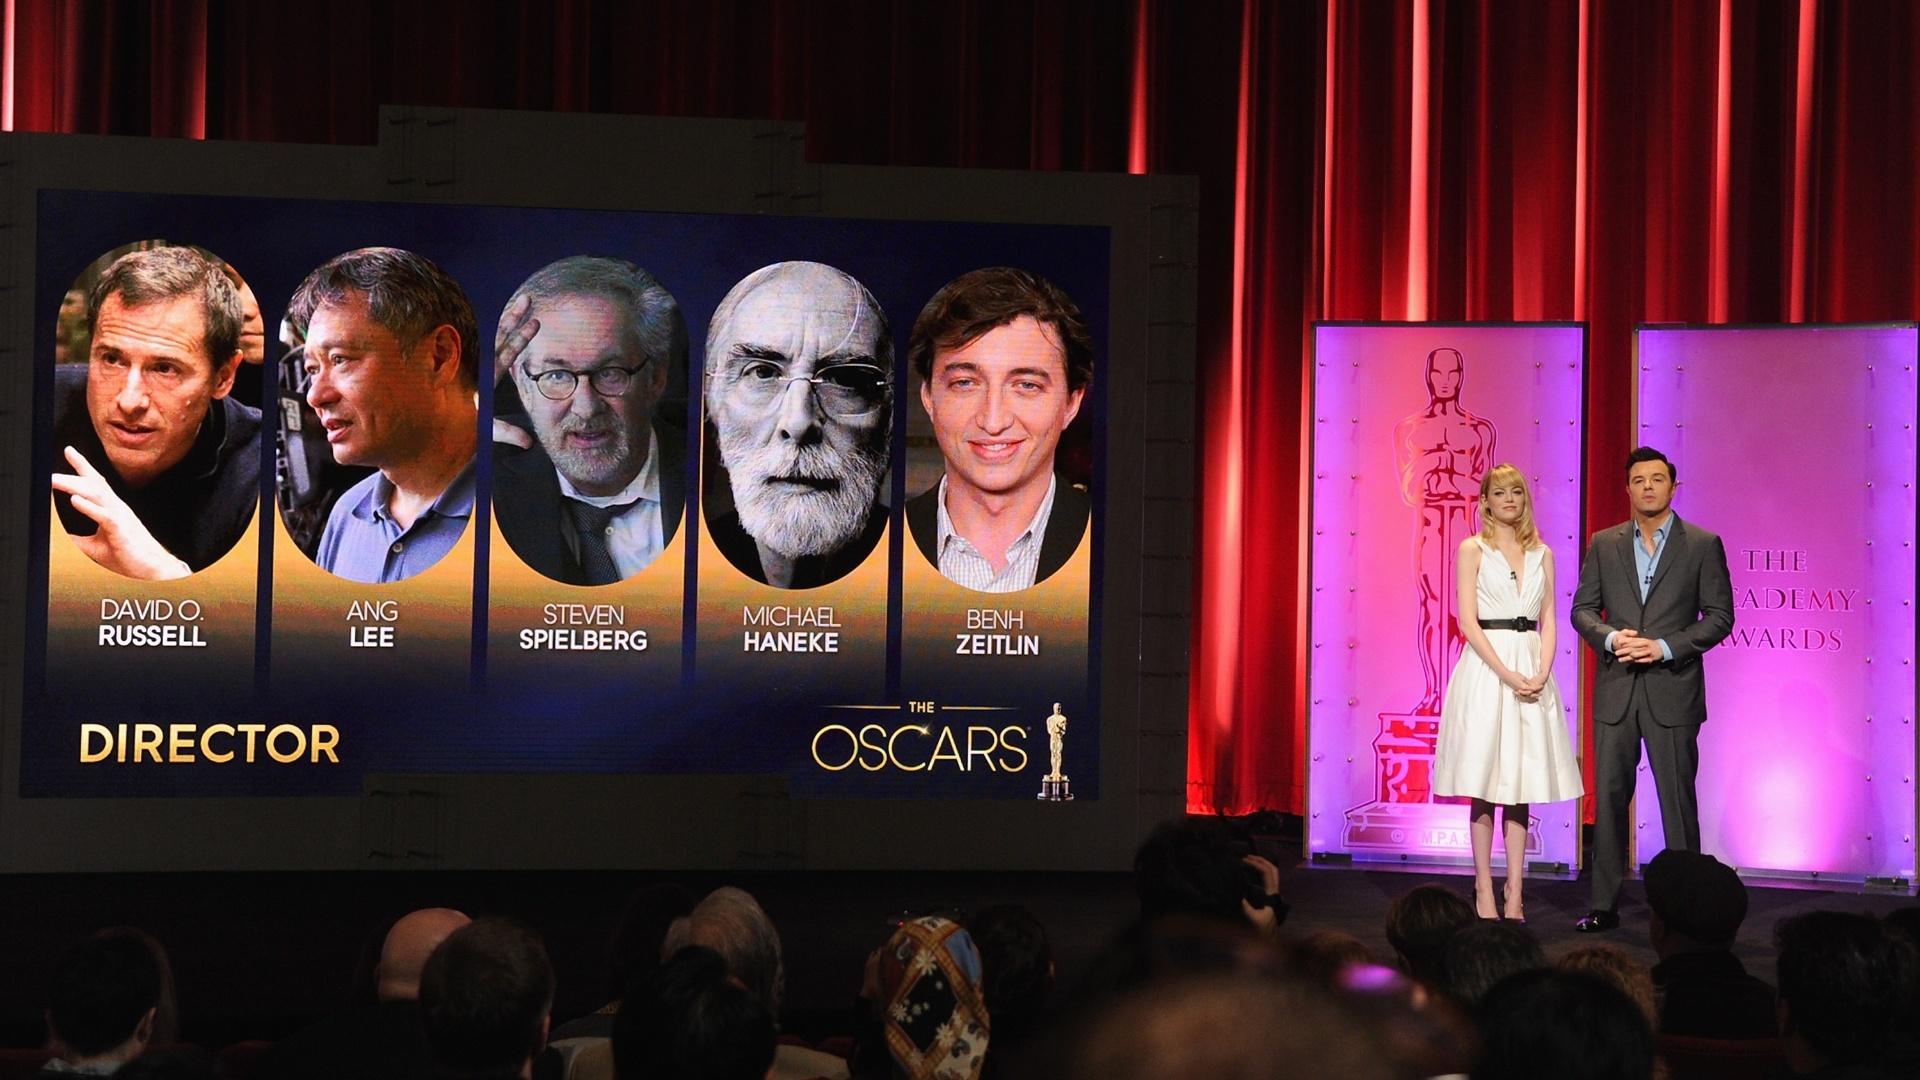 10.jan.2013 A atriz Emma Stone e o diretor Seth MacFarlane anunciam os indicados ao Oscar na categoria de melhor diretor